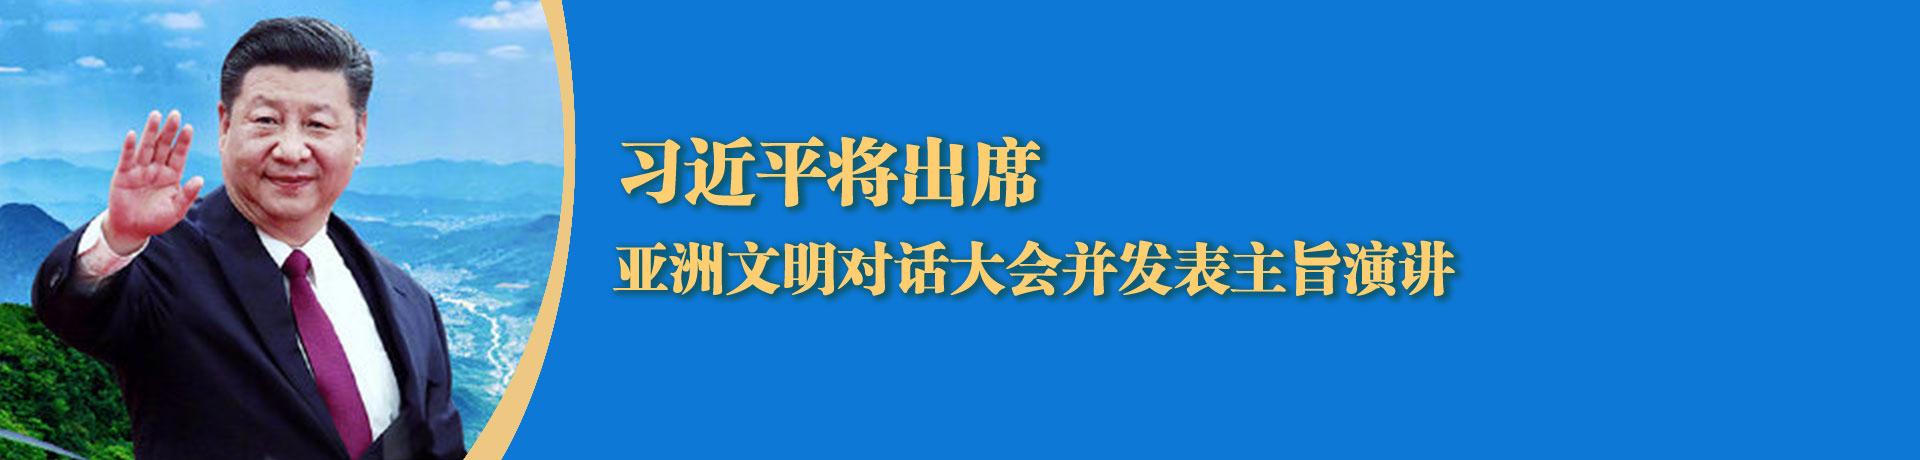 習近平將出席亞洲文明對話大會并發表主旨演講